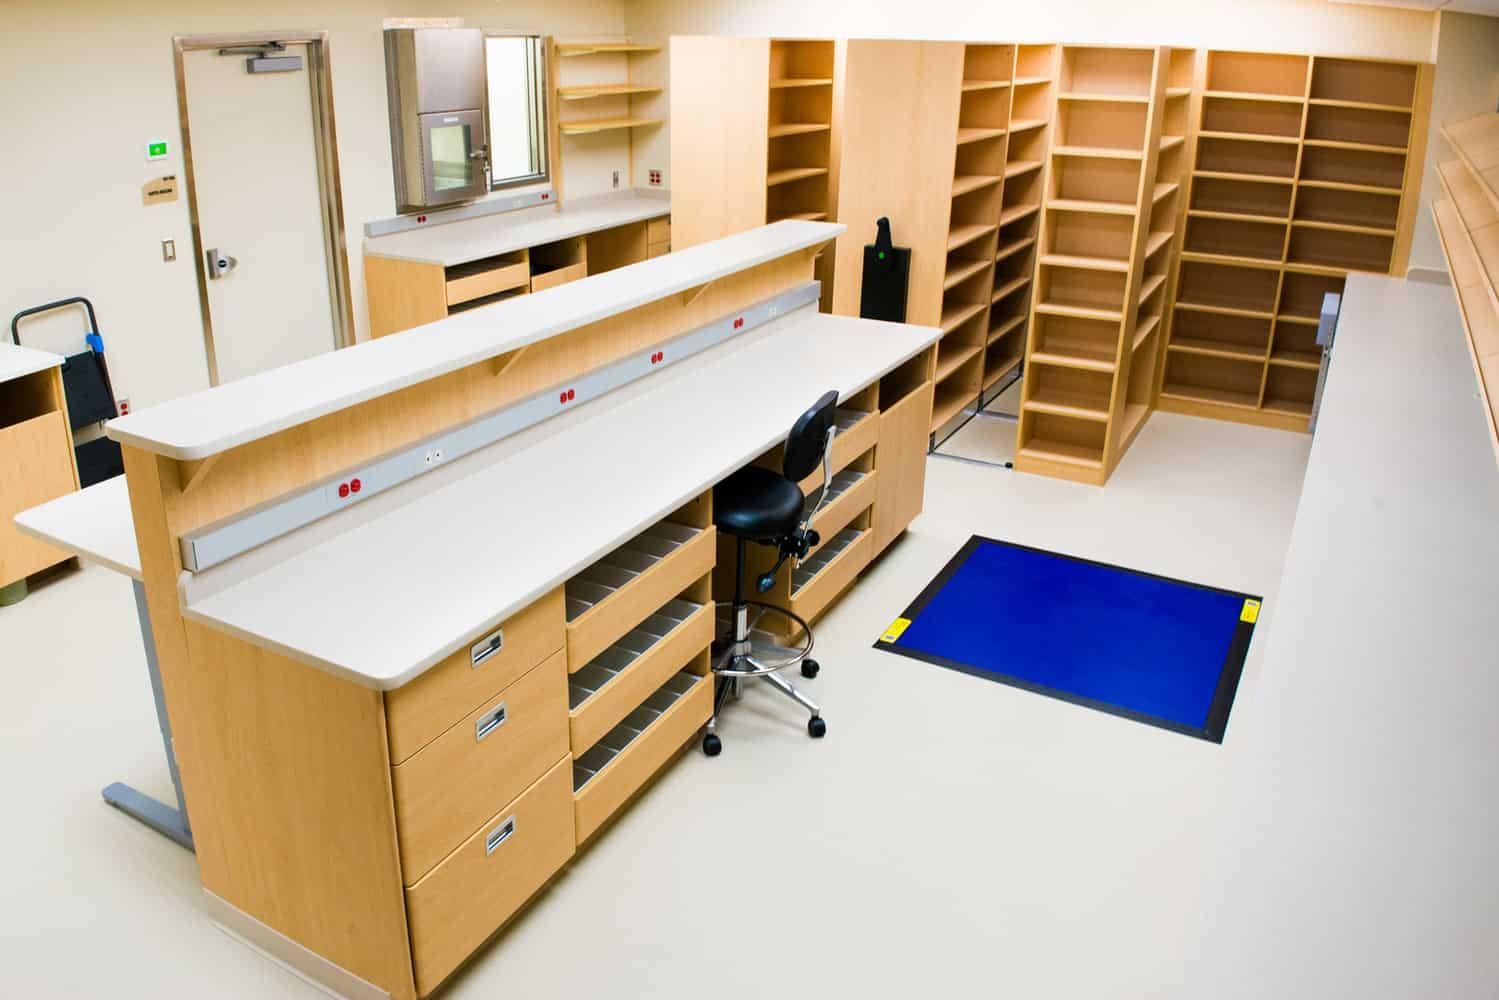 Gillette Children's Specialty Healthcare 1st Floor USP 800 Pharmacy